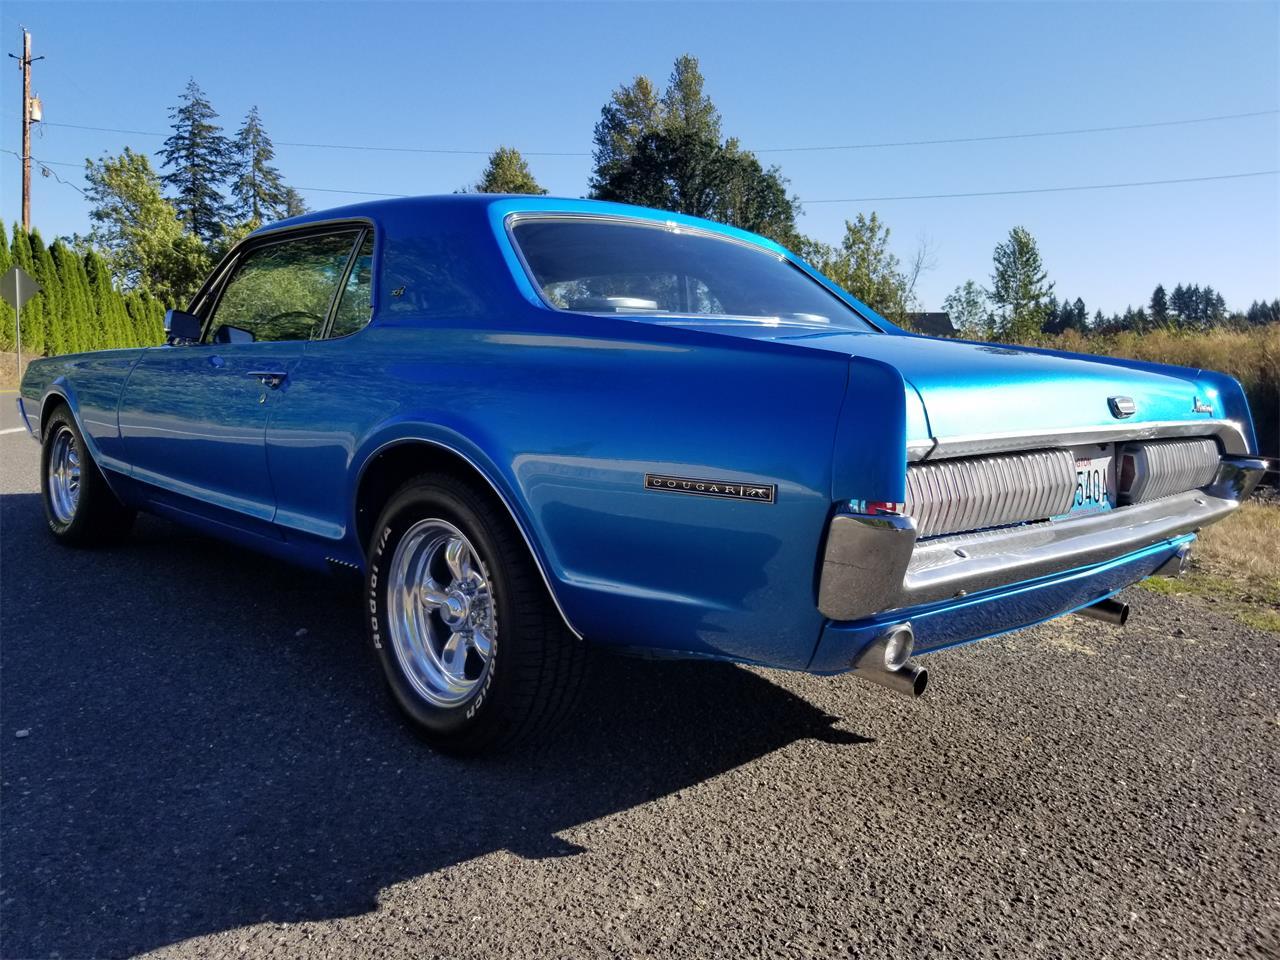 1967 Mercury Cougar XR7 (CC-1386130) for sale in Brush Prairie, Washington